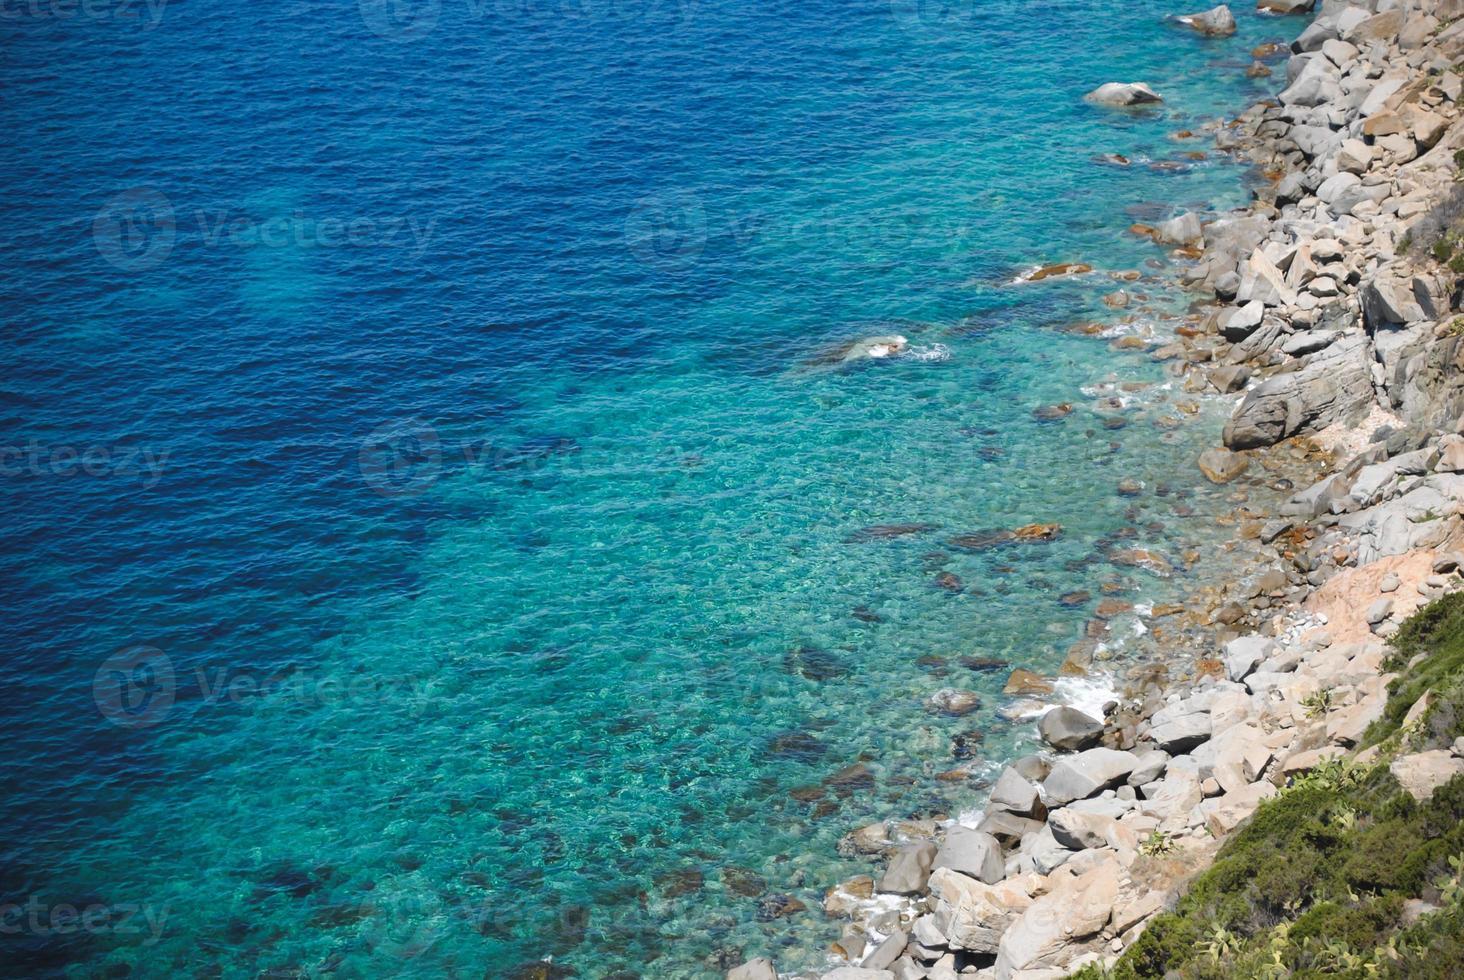 zee foto